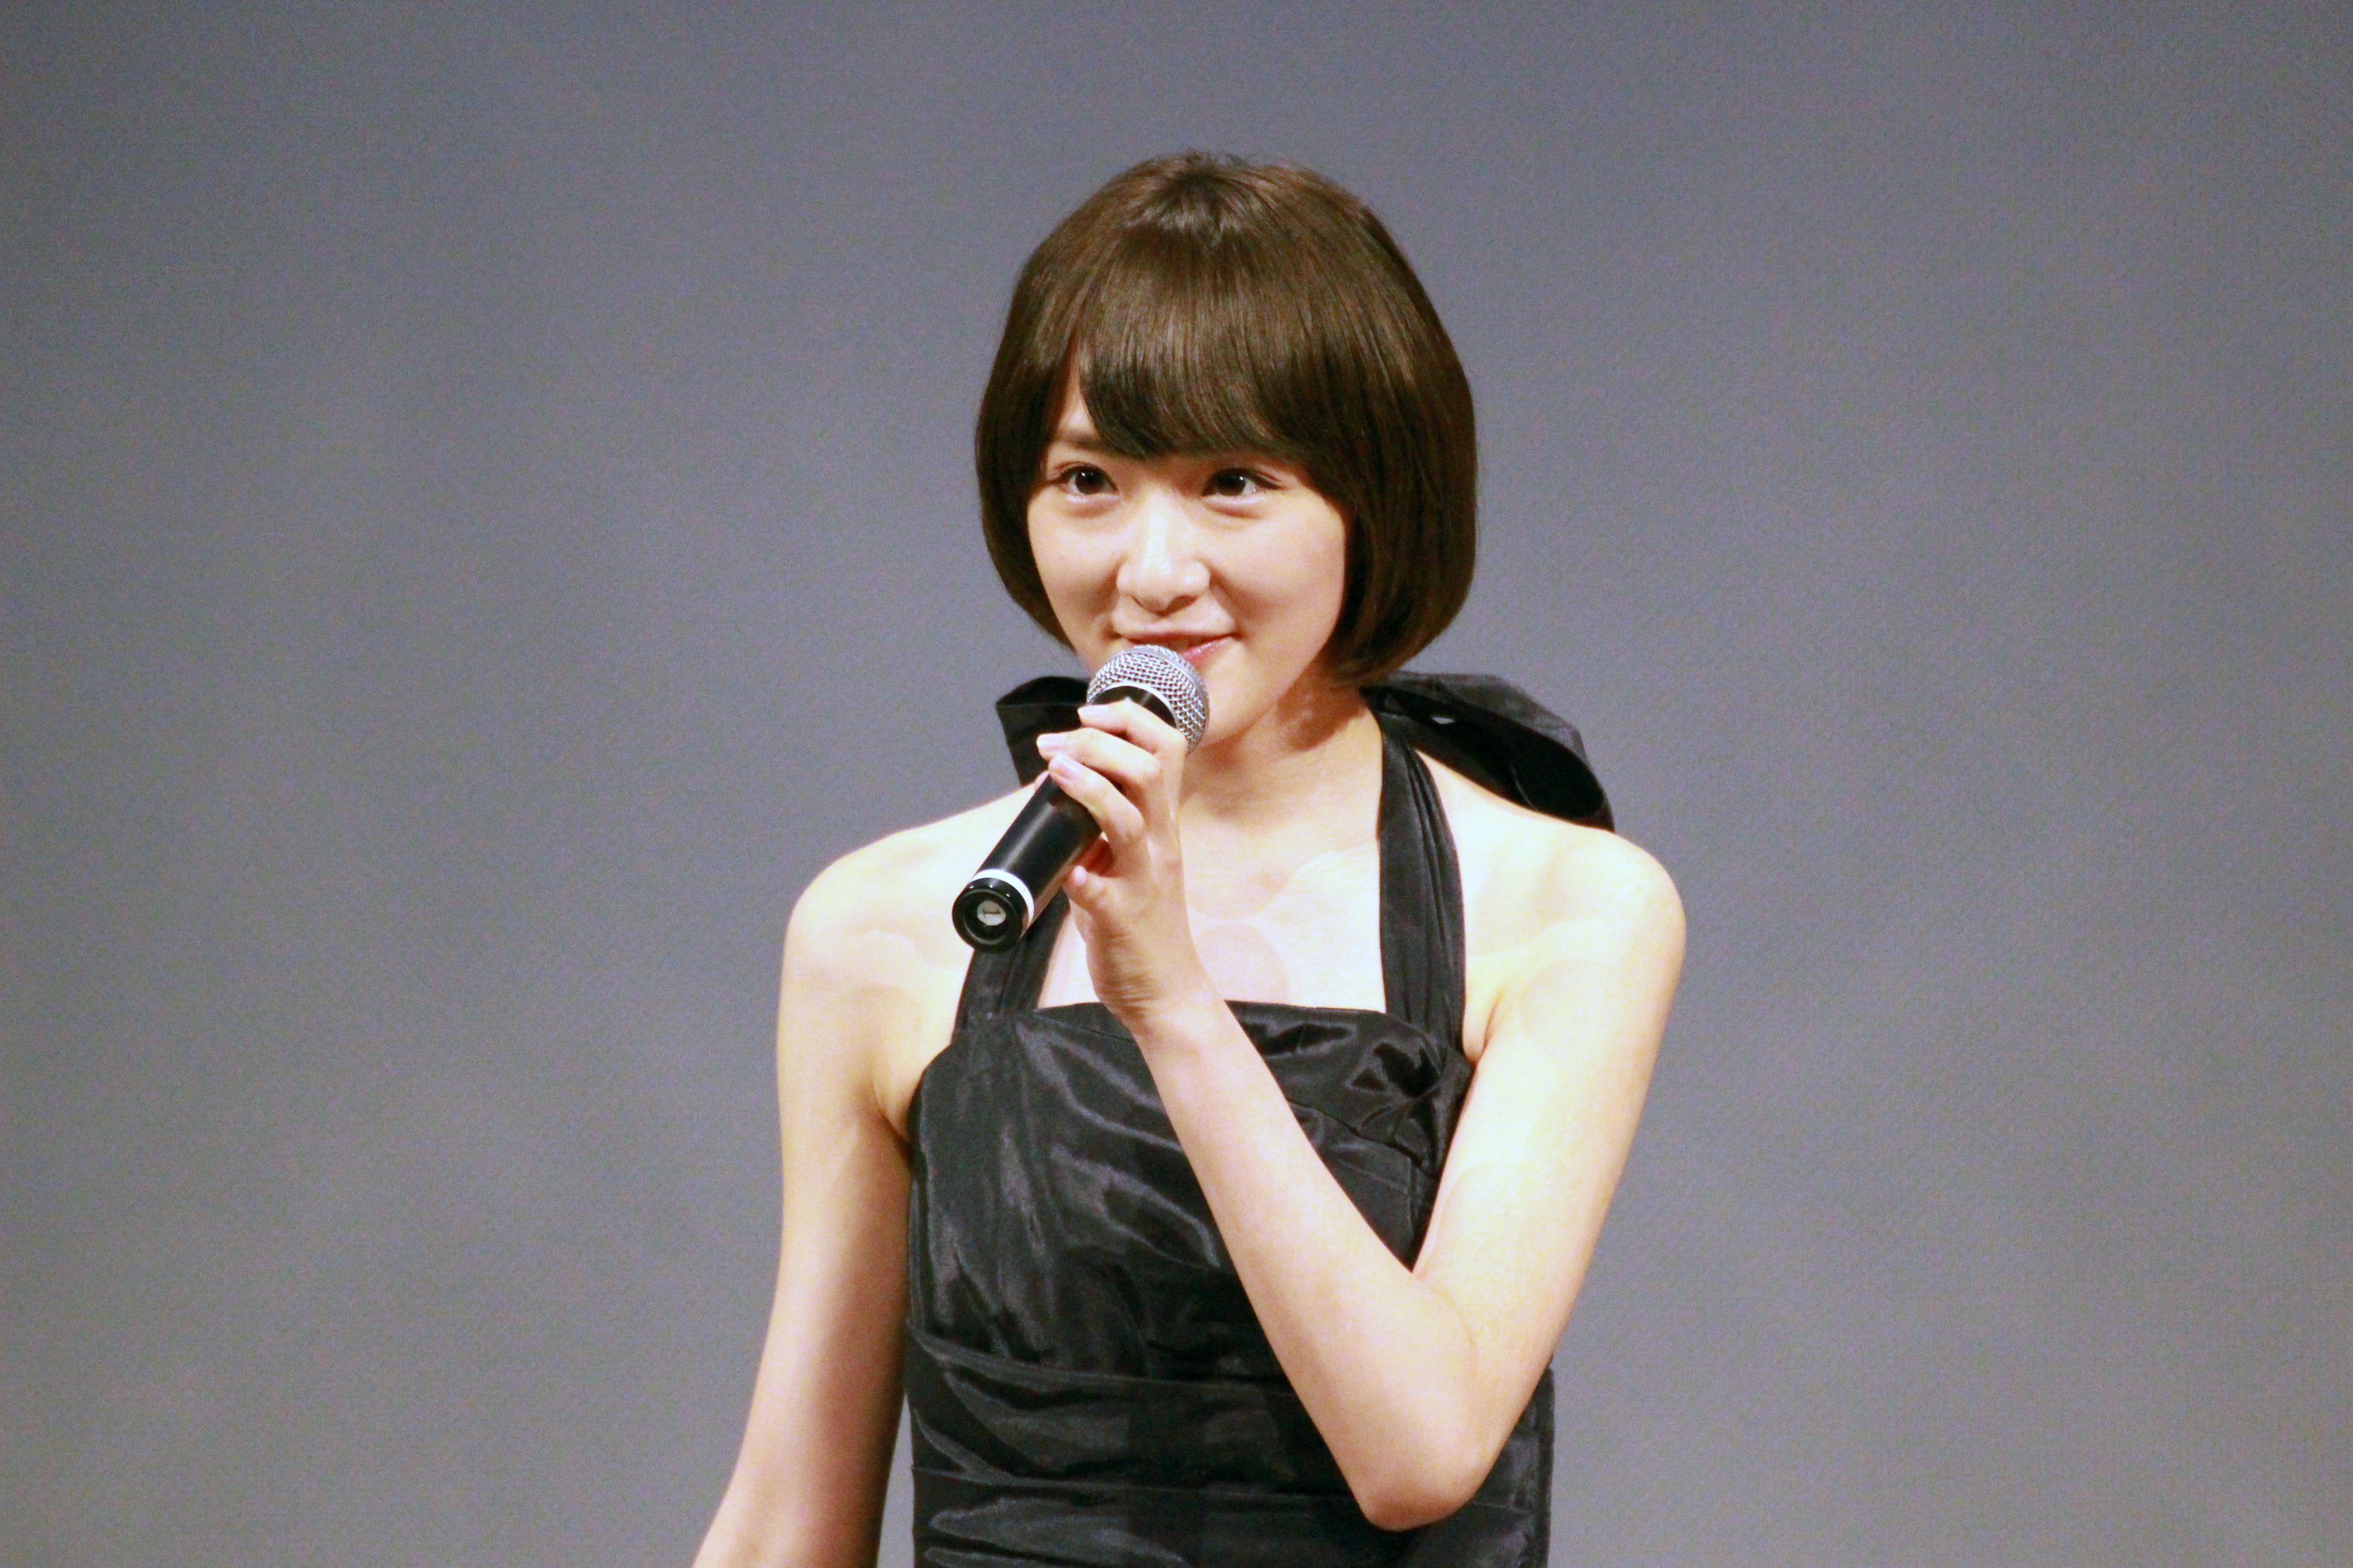 乃木坂46・生駒里奈